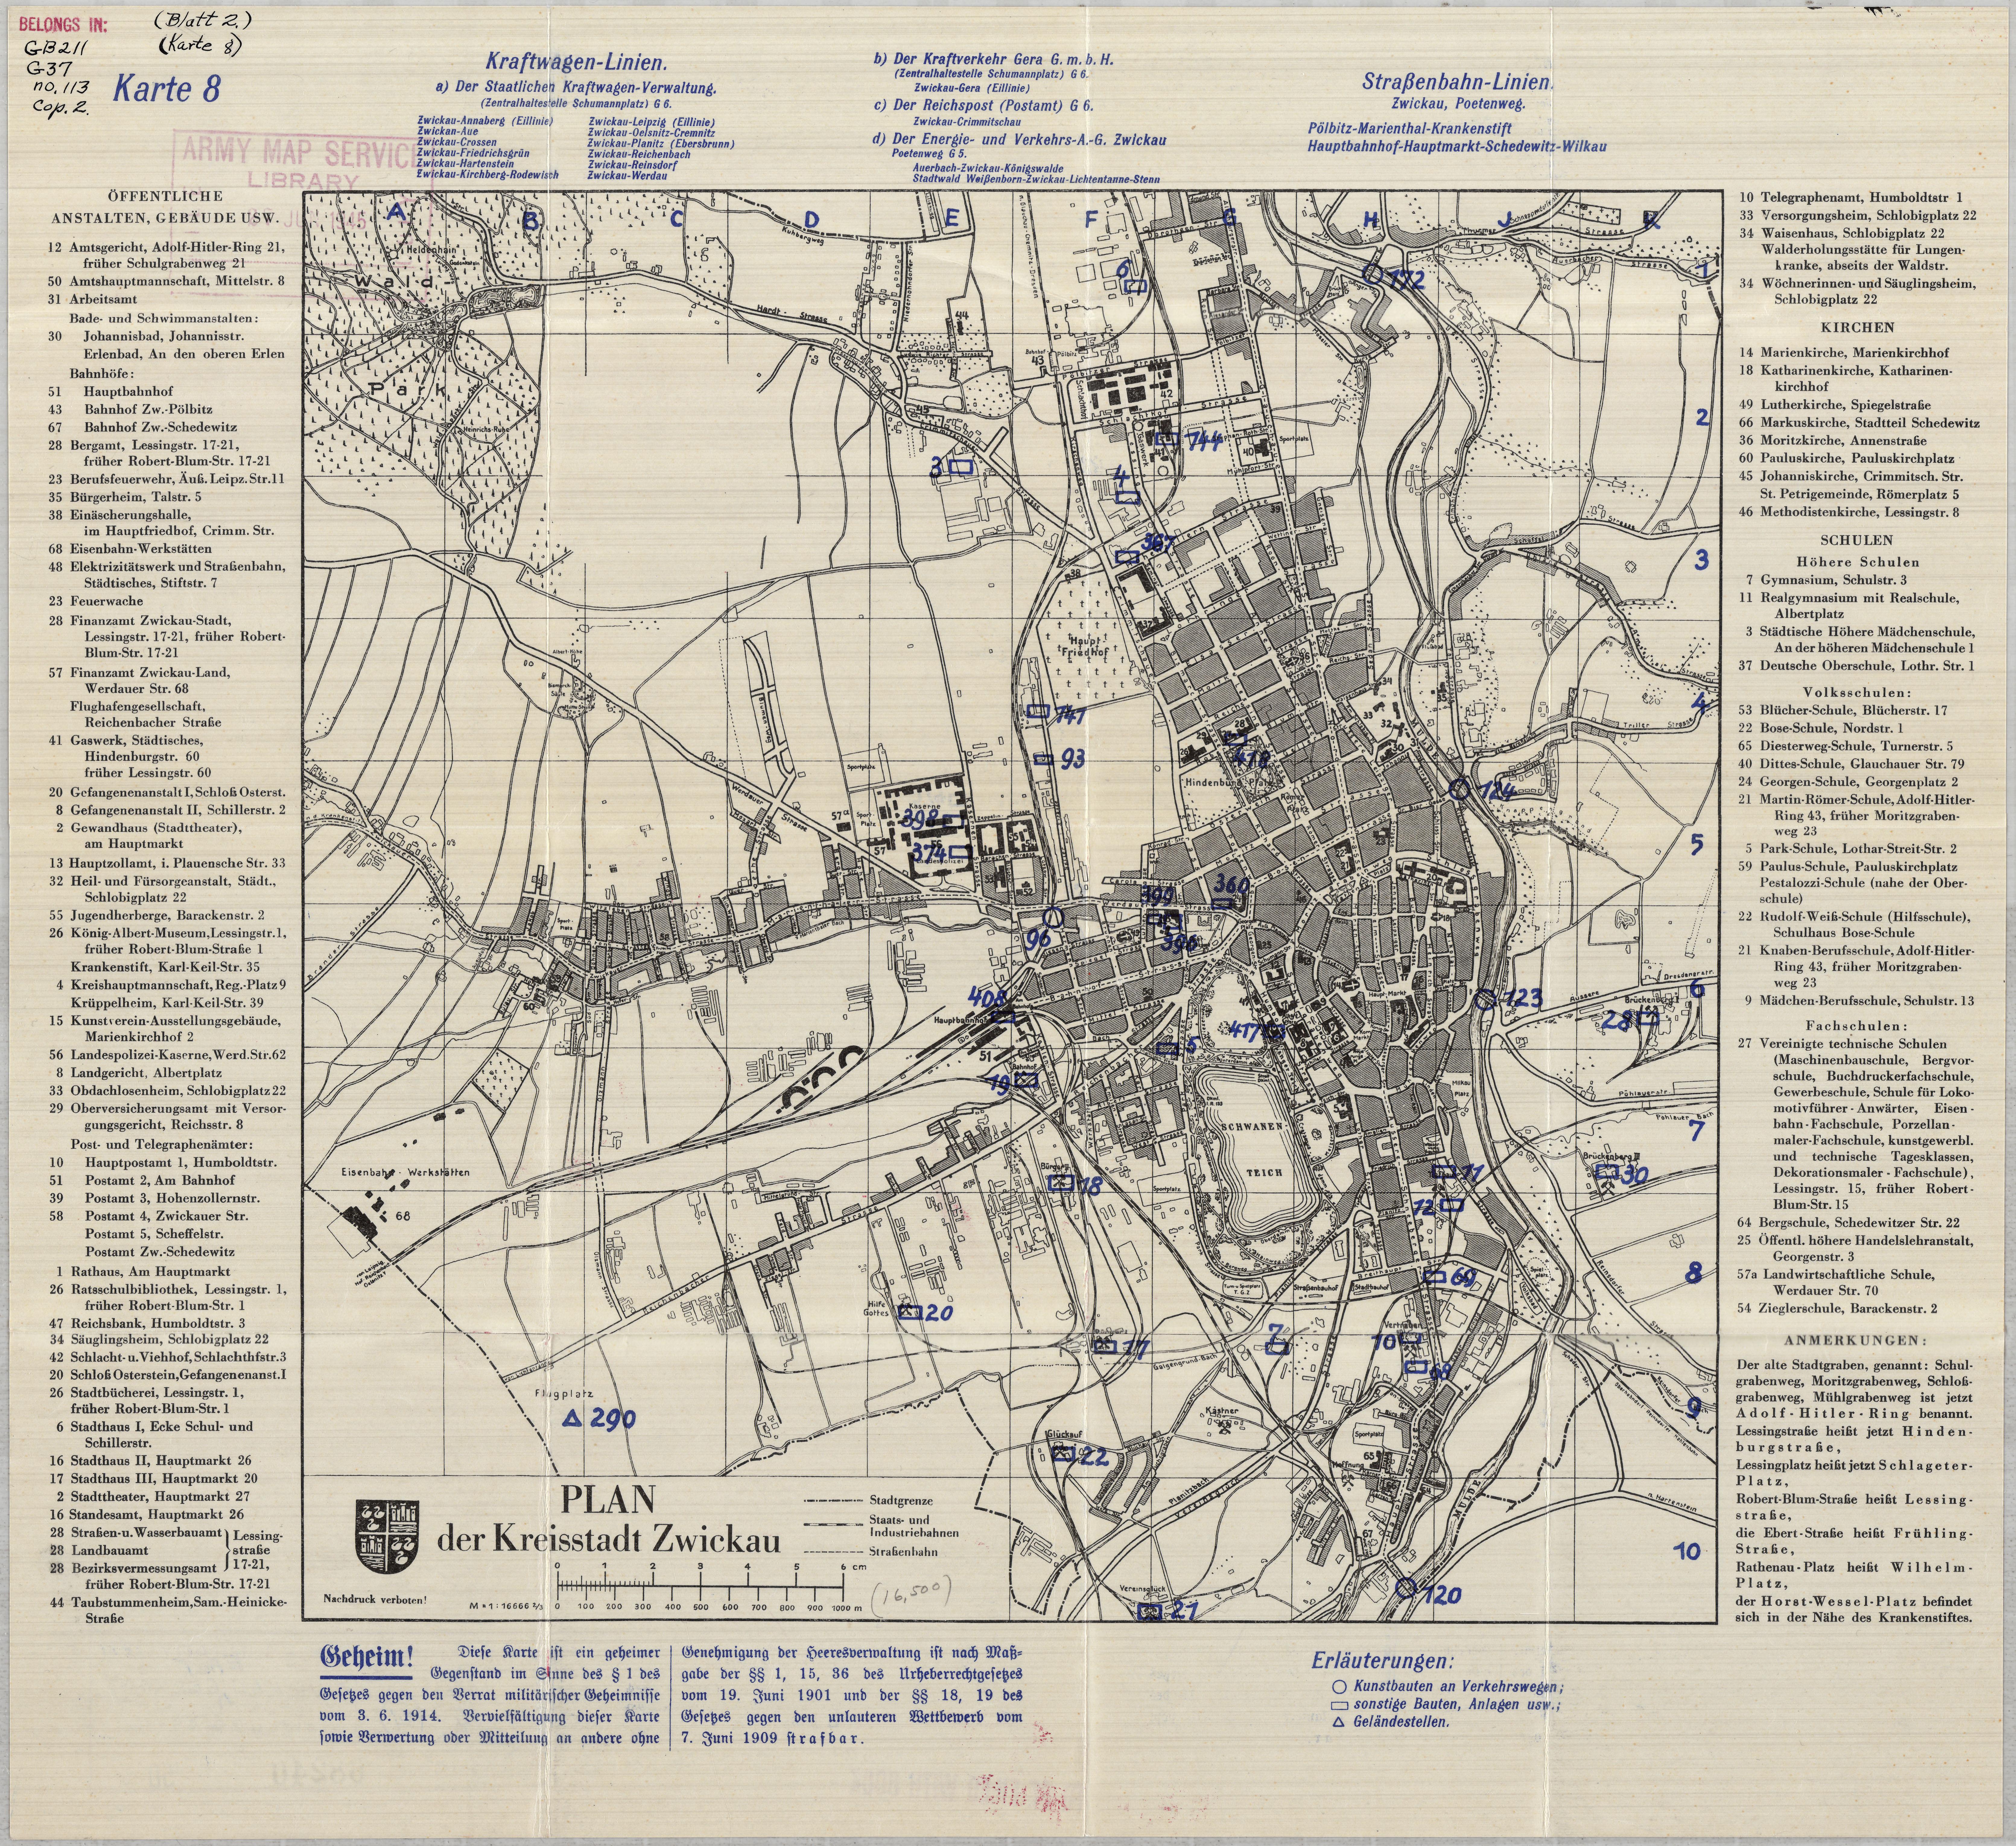 Zwickau Karte.Wyszukane Mapy